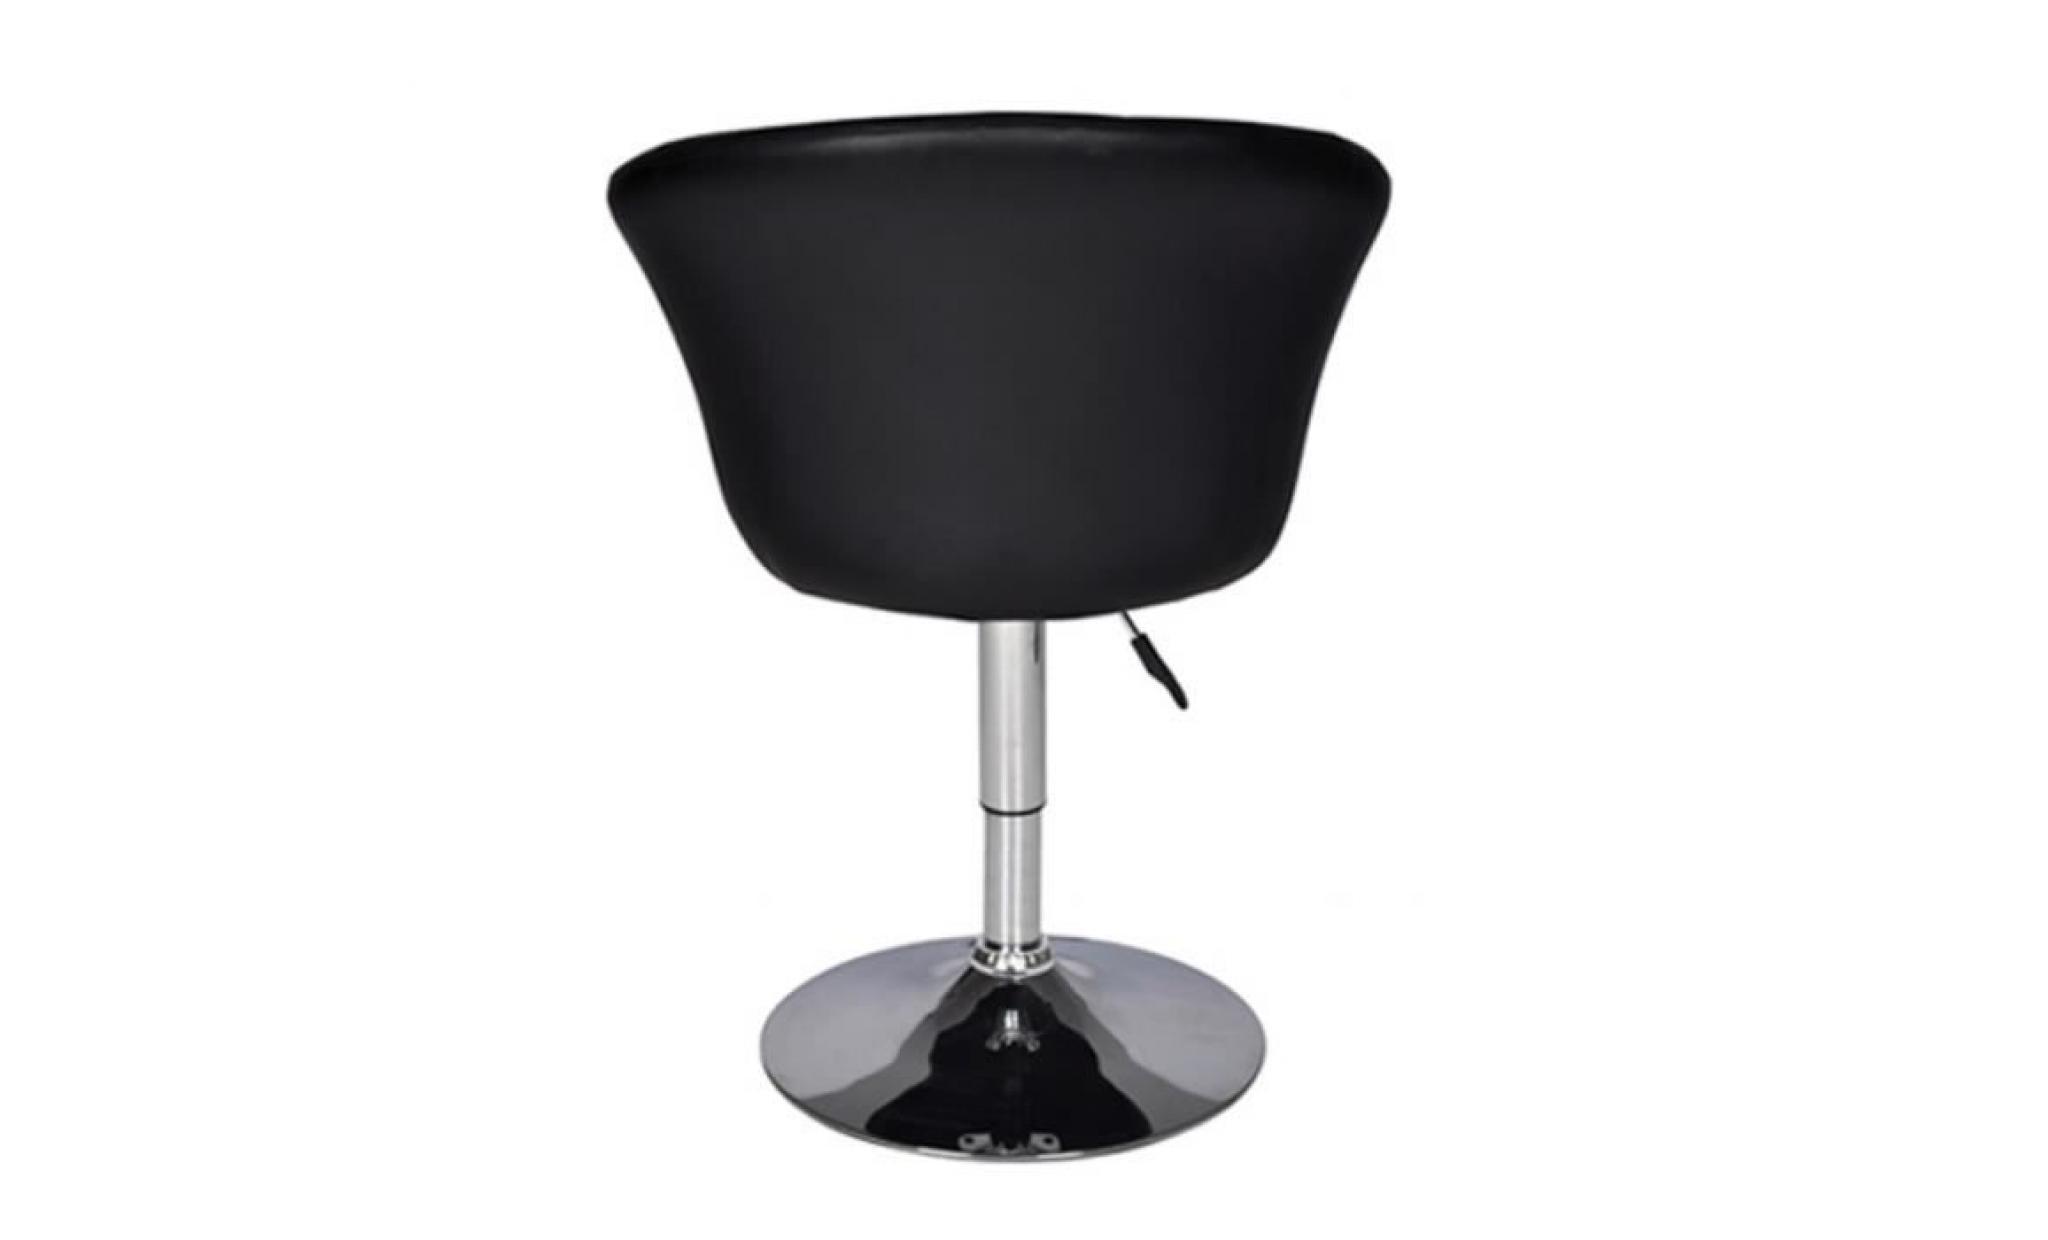 fauteuil pivotant rond odyssey achat vente tabouret de bar pas cher couleur et. Black Bedroom Furniture Sets. Home Design Ideas